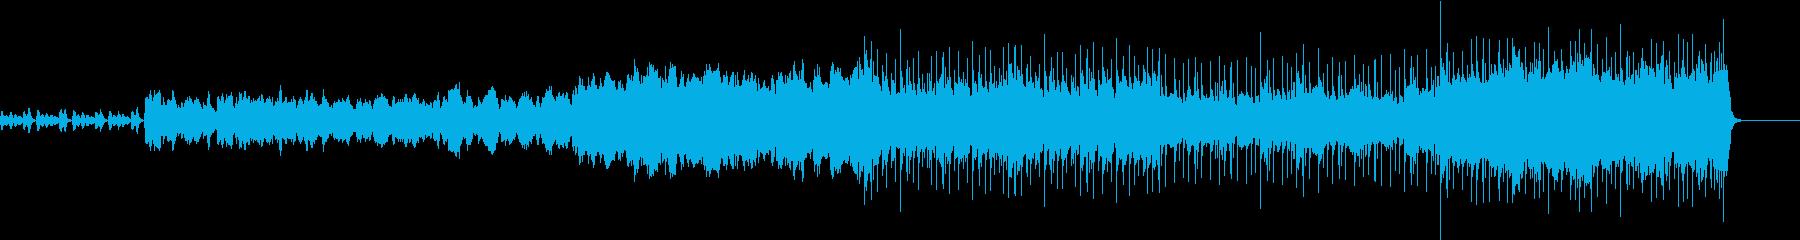 朝を連想させる目覚めのオーケストラ音楽の再生済みの波形